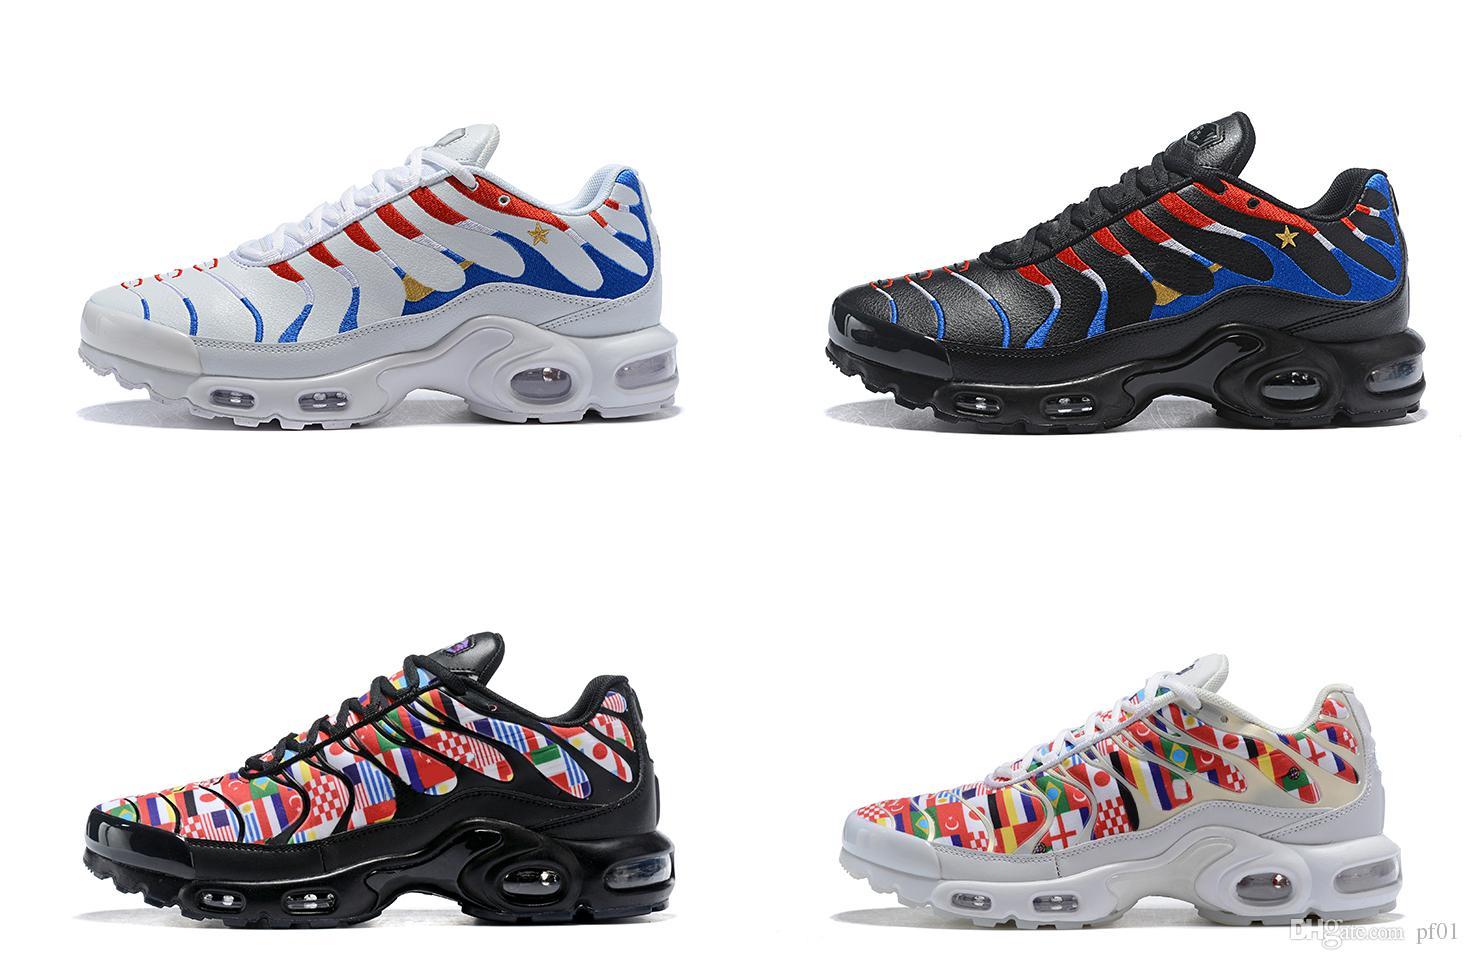 d8276b6d0e5d6 2018 New Arrive High Quality Plus TN Men Women Running Shoes TN ...